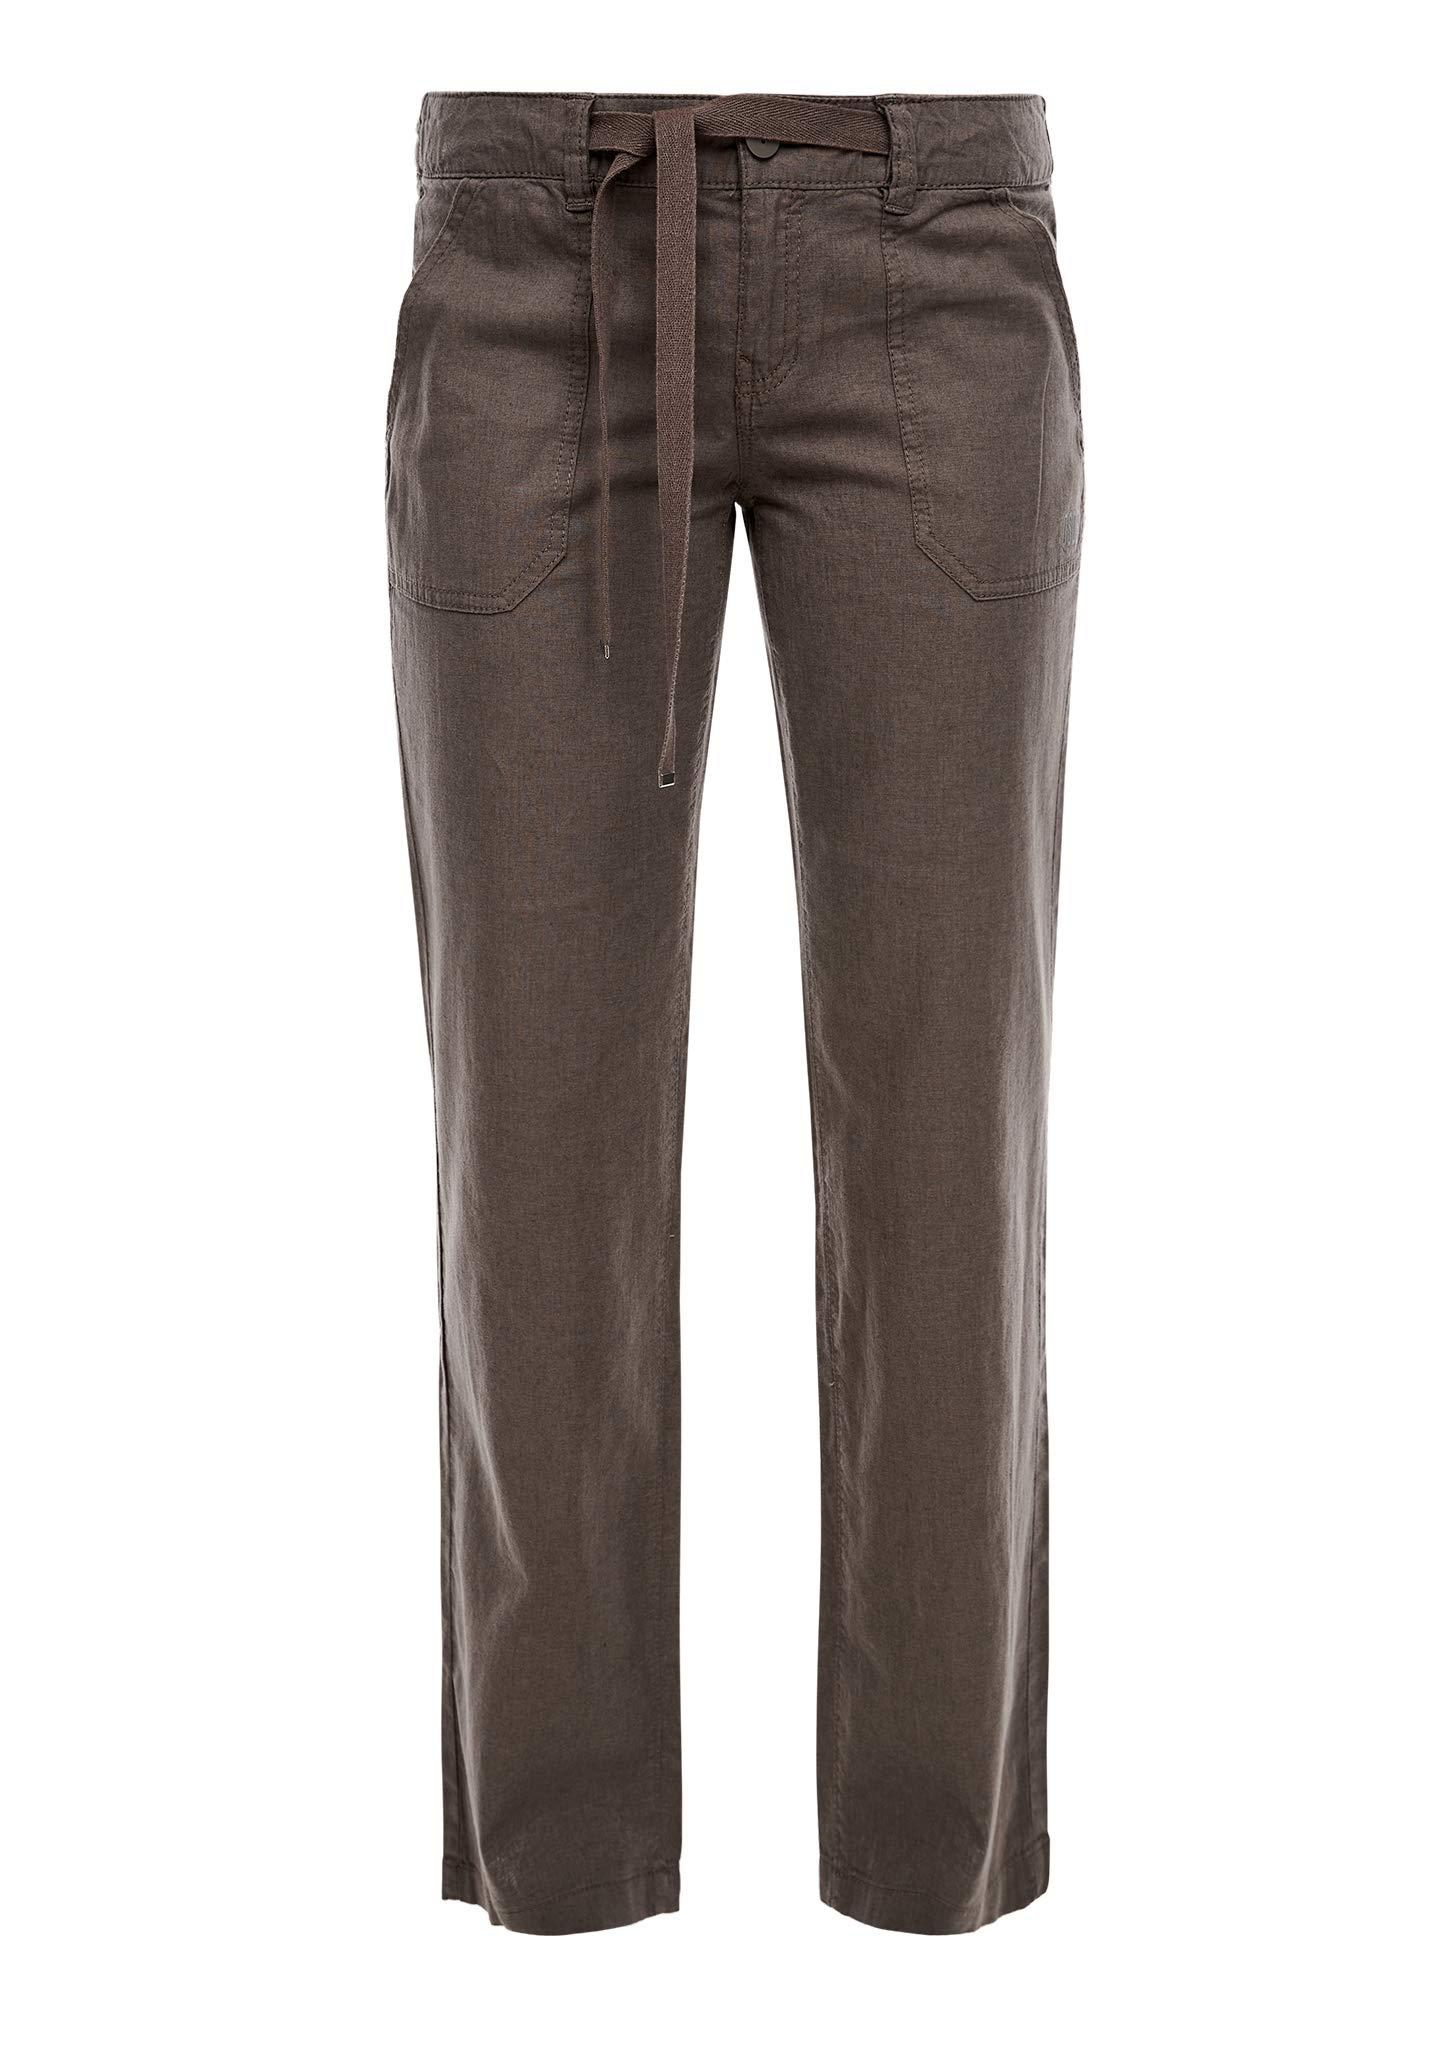 Wide Leg, pantalon en lin - Marron - W38